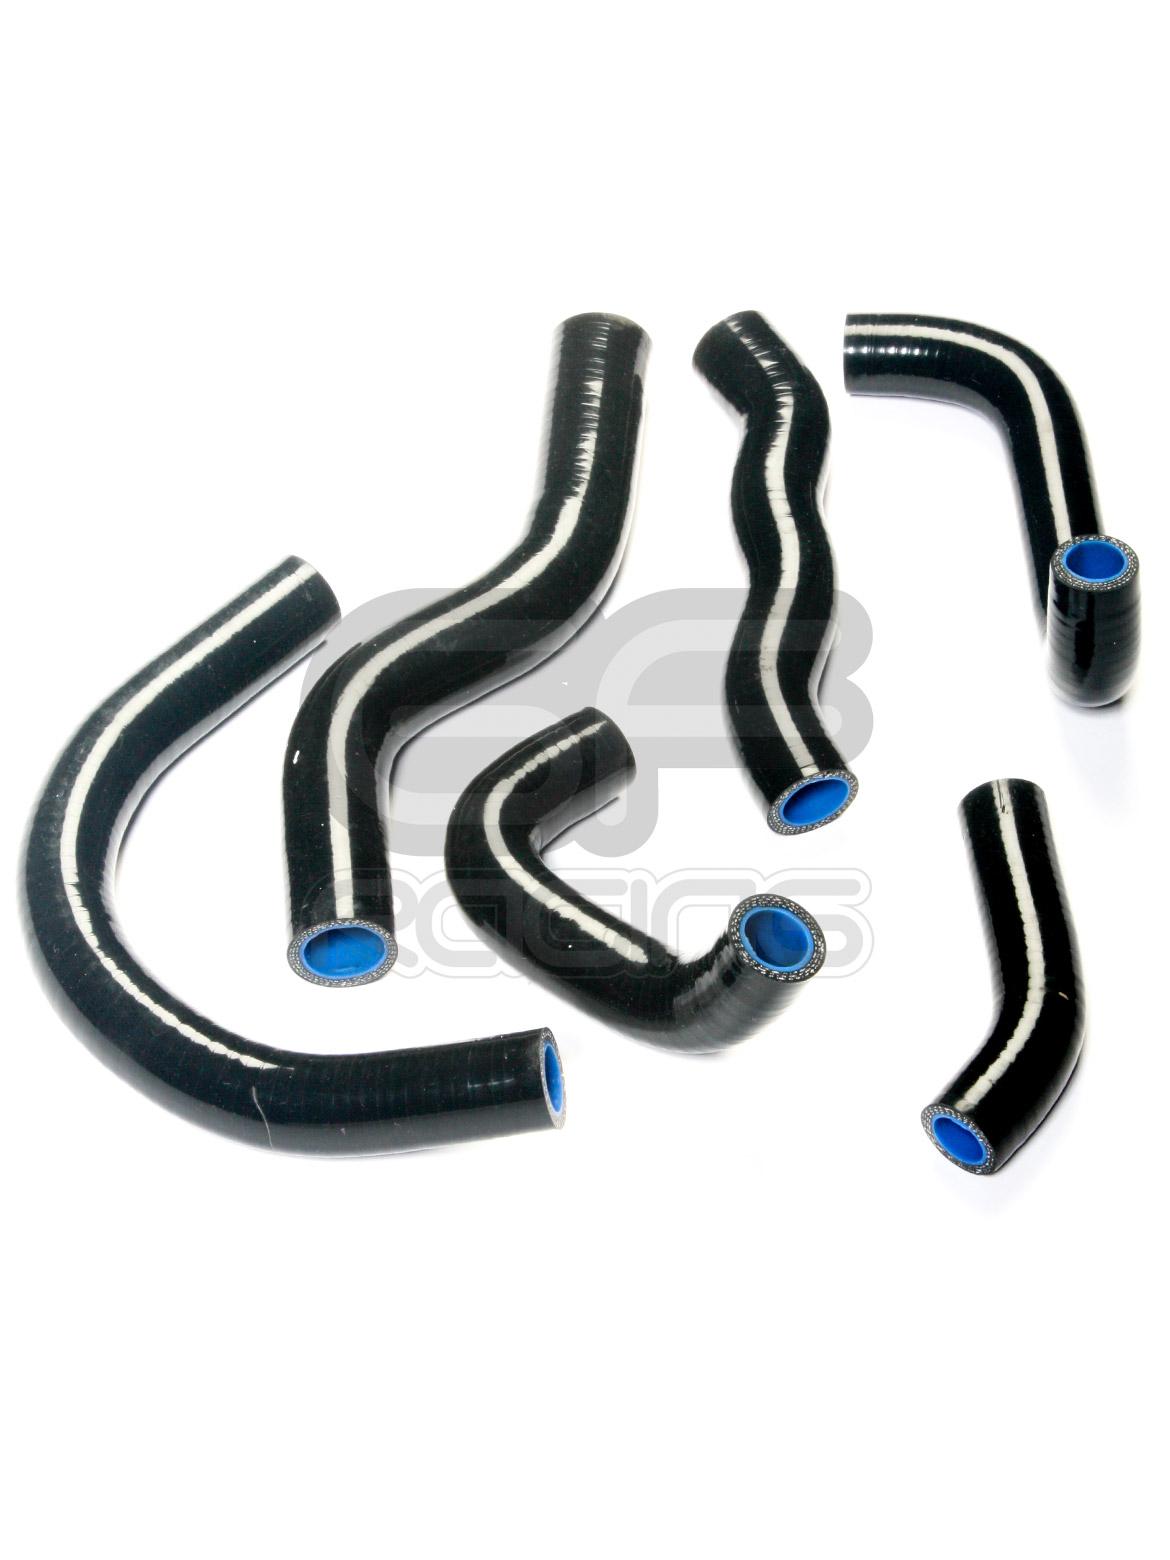 Silicone radiator hose kit VFR400 NC30 RVF400 NC35